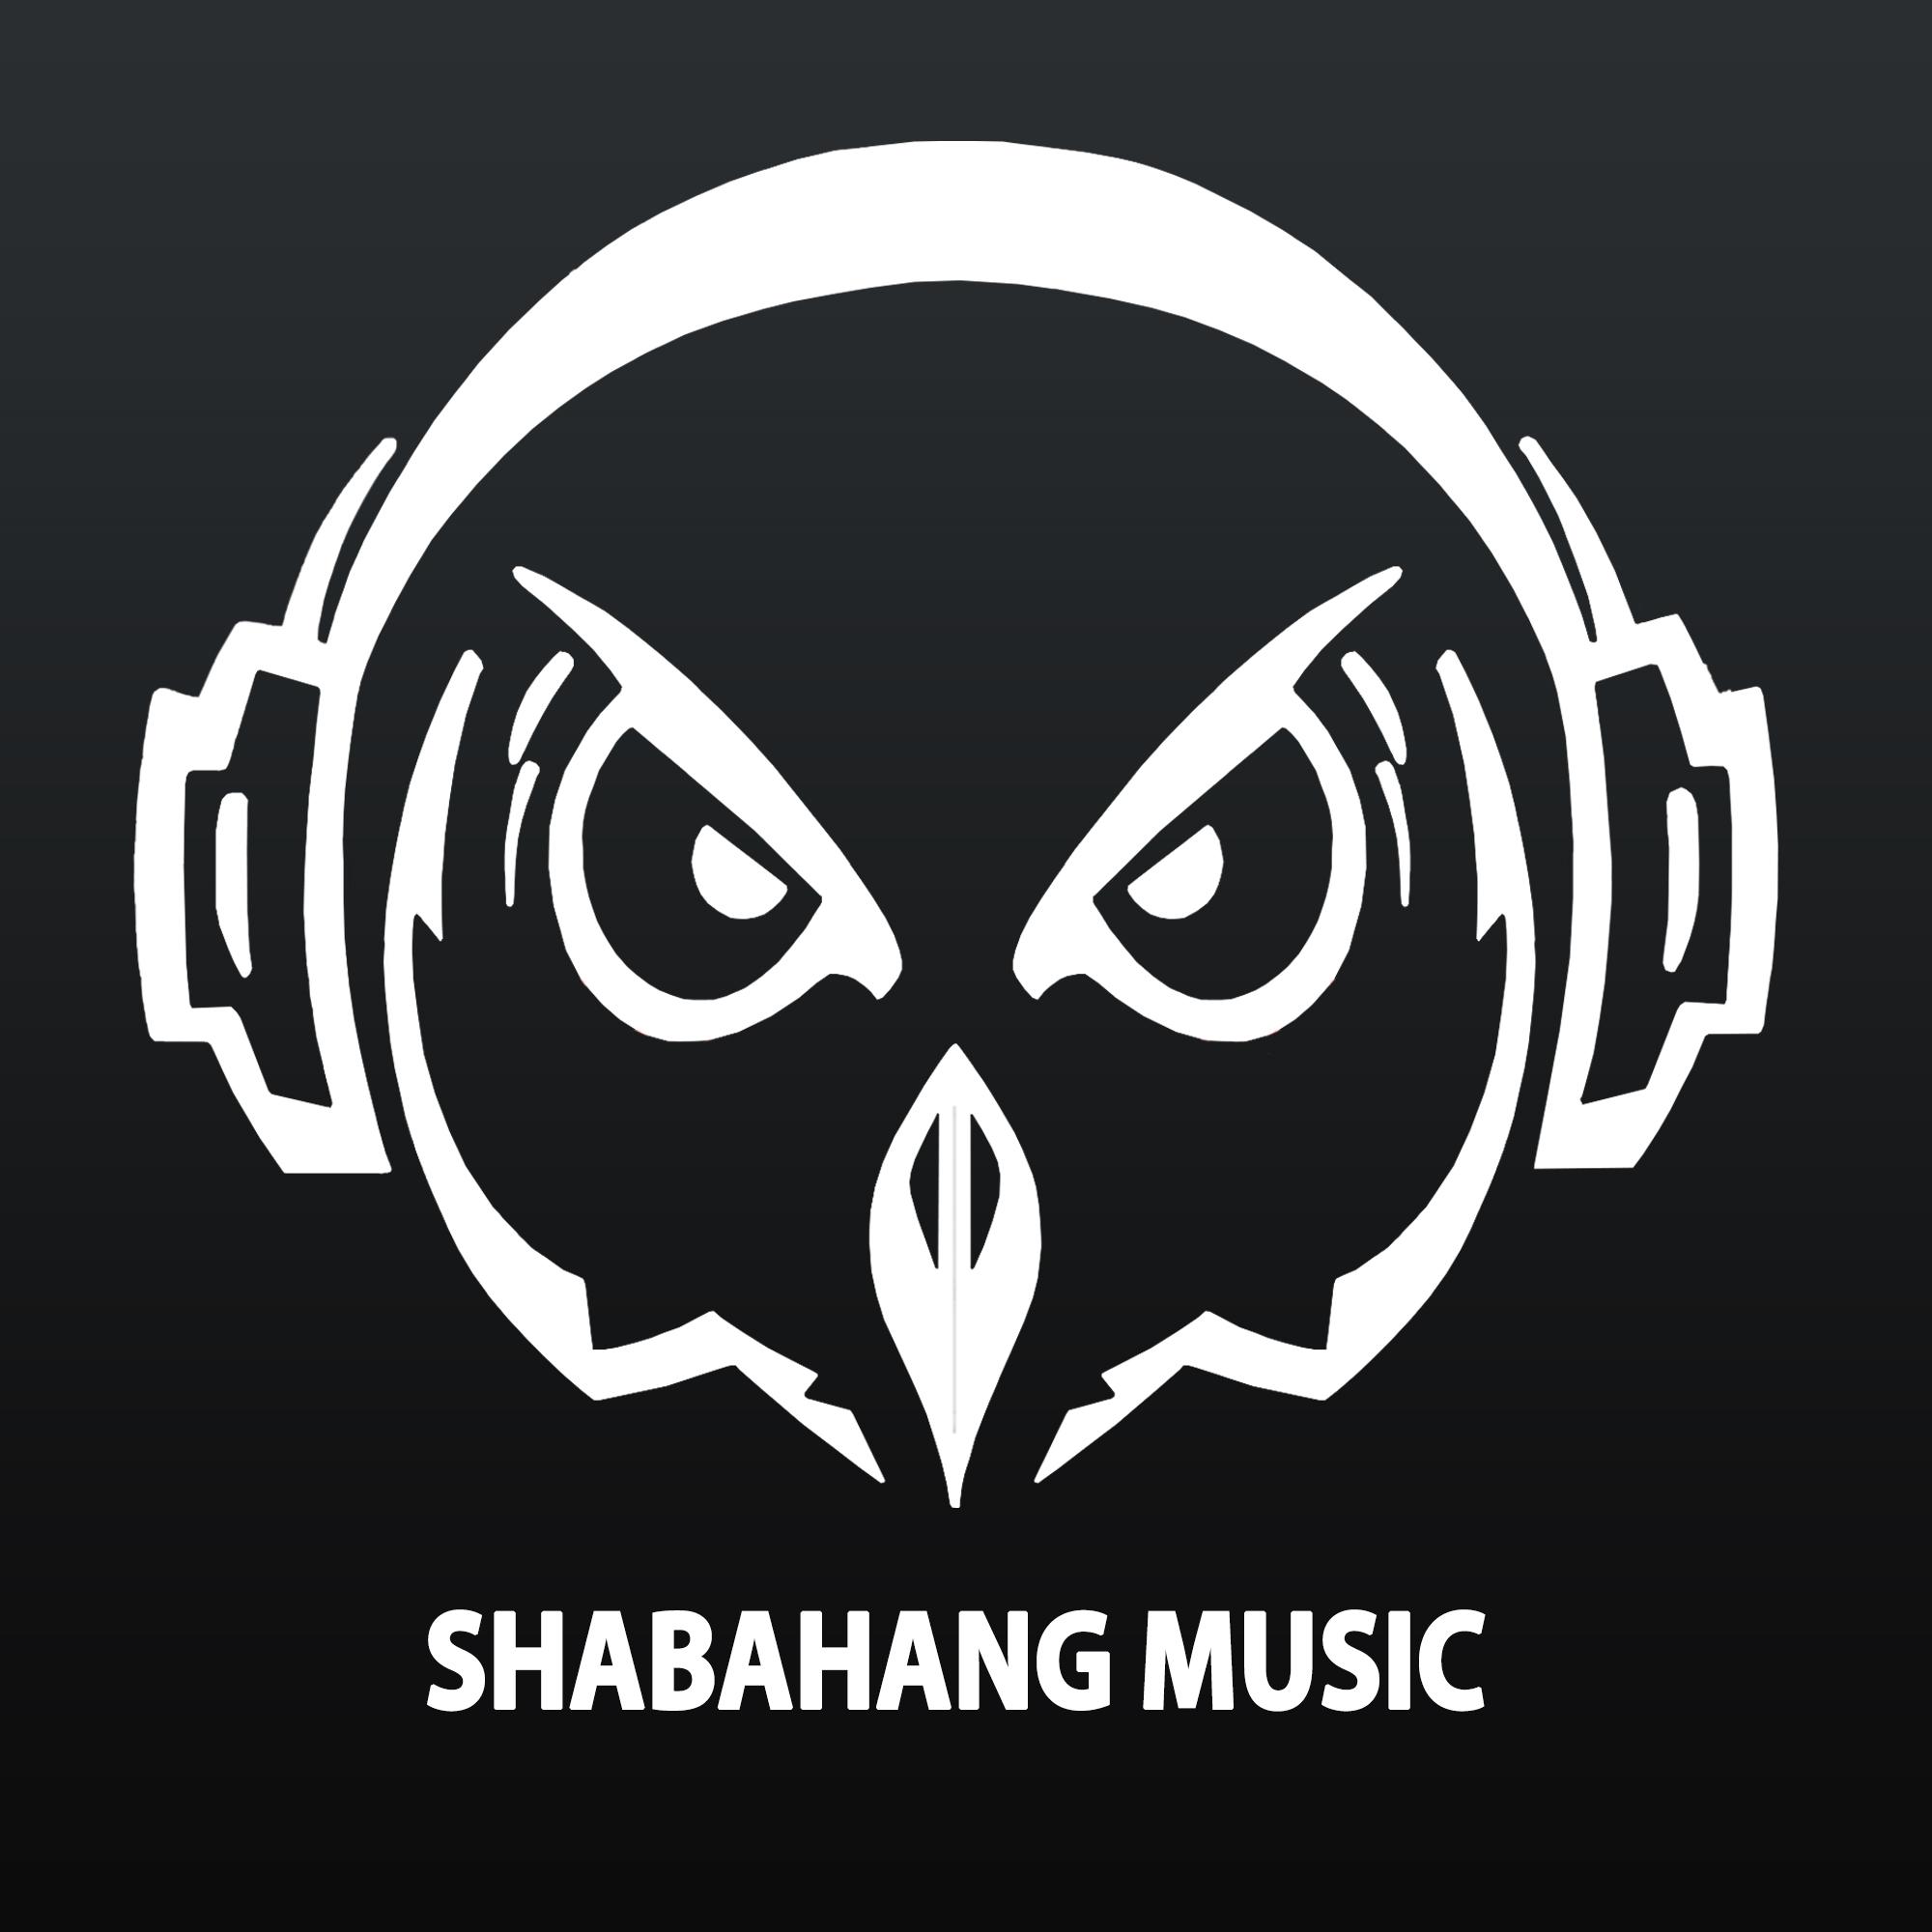 شباهنگ موزیک